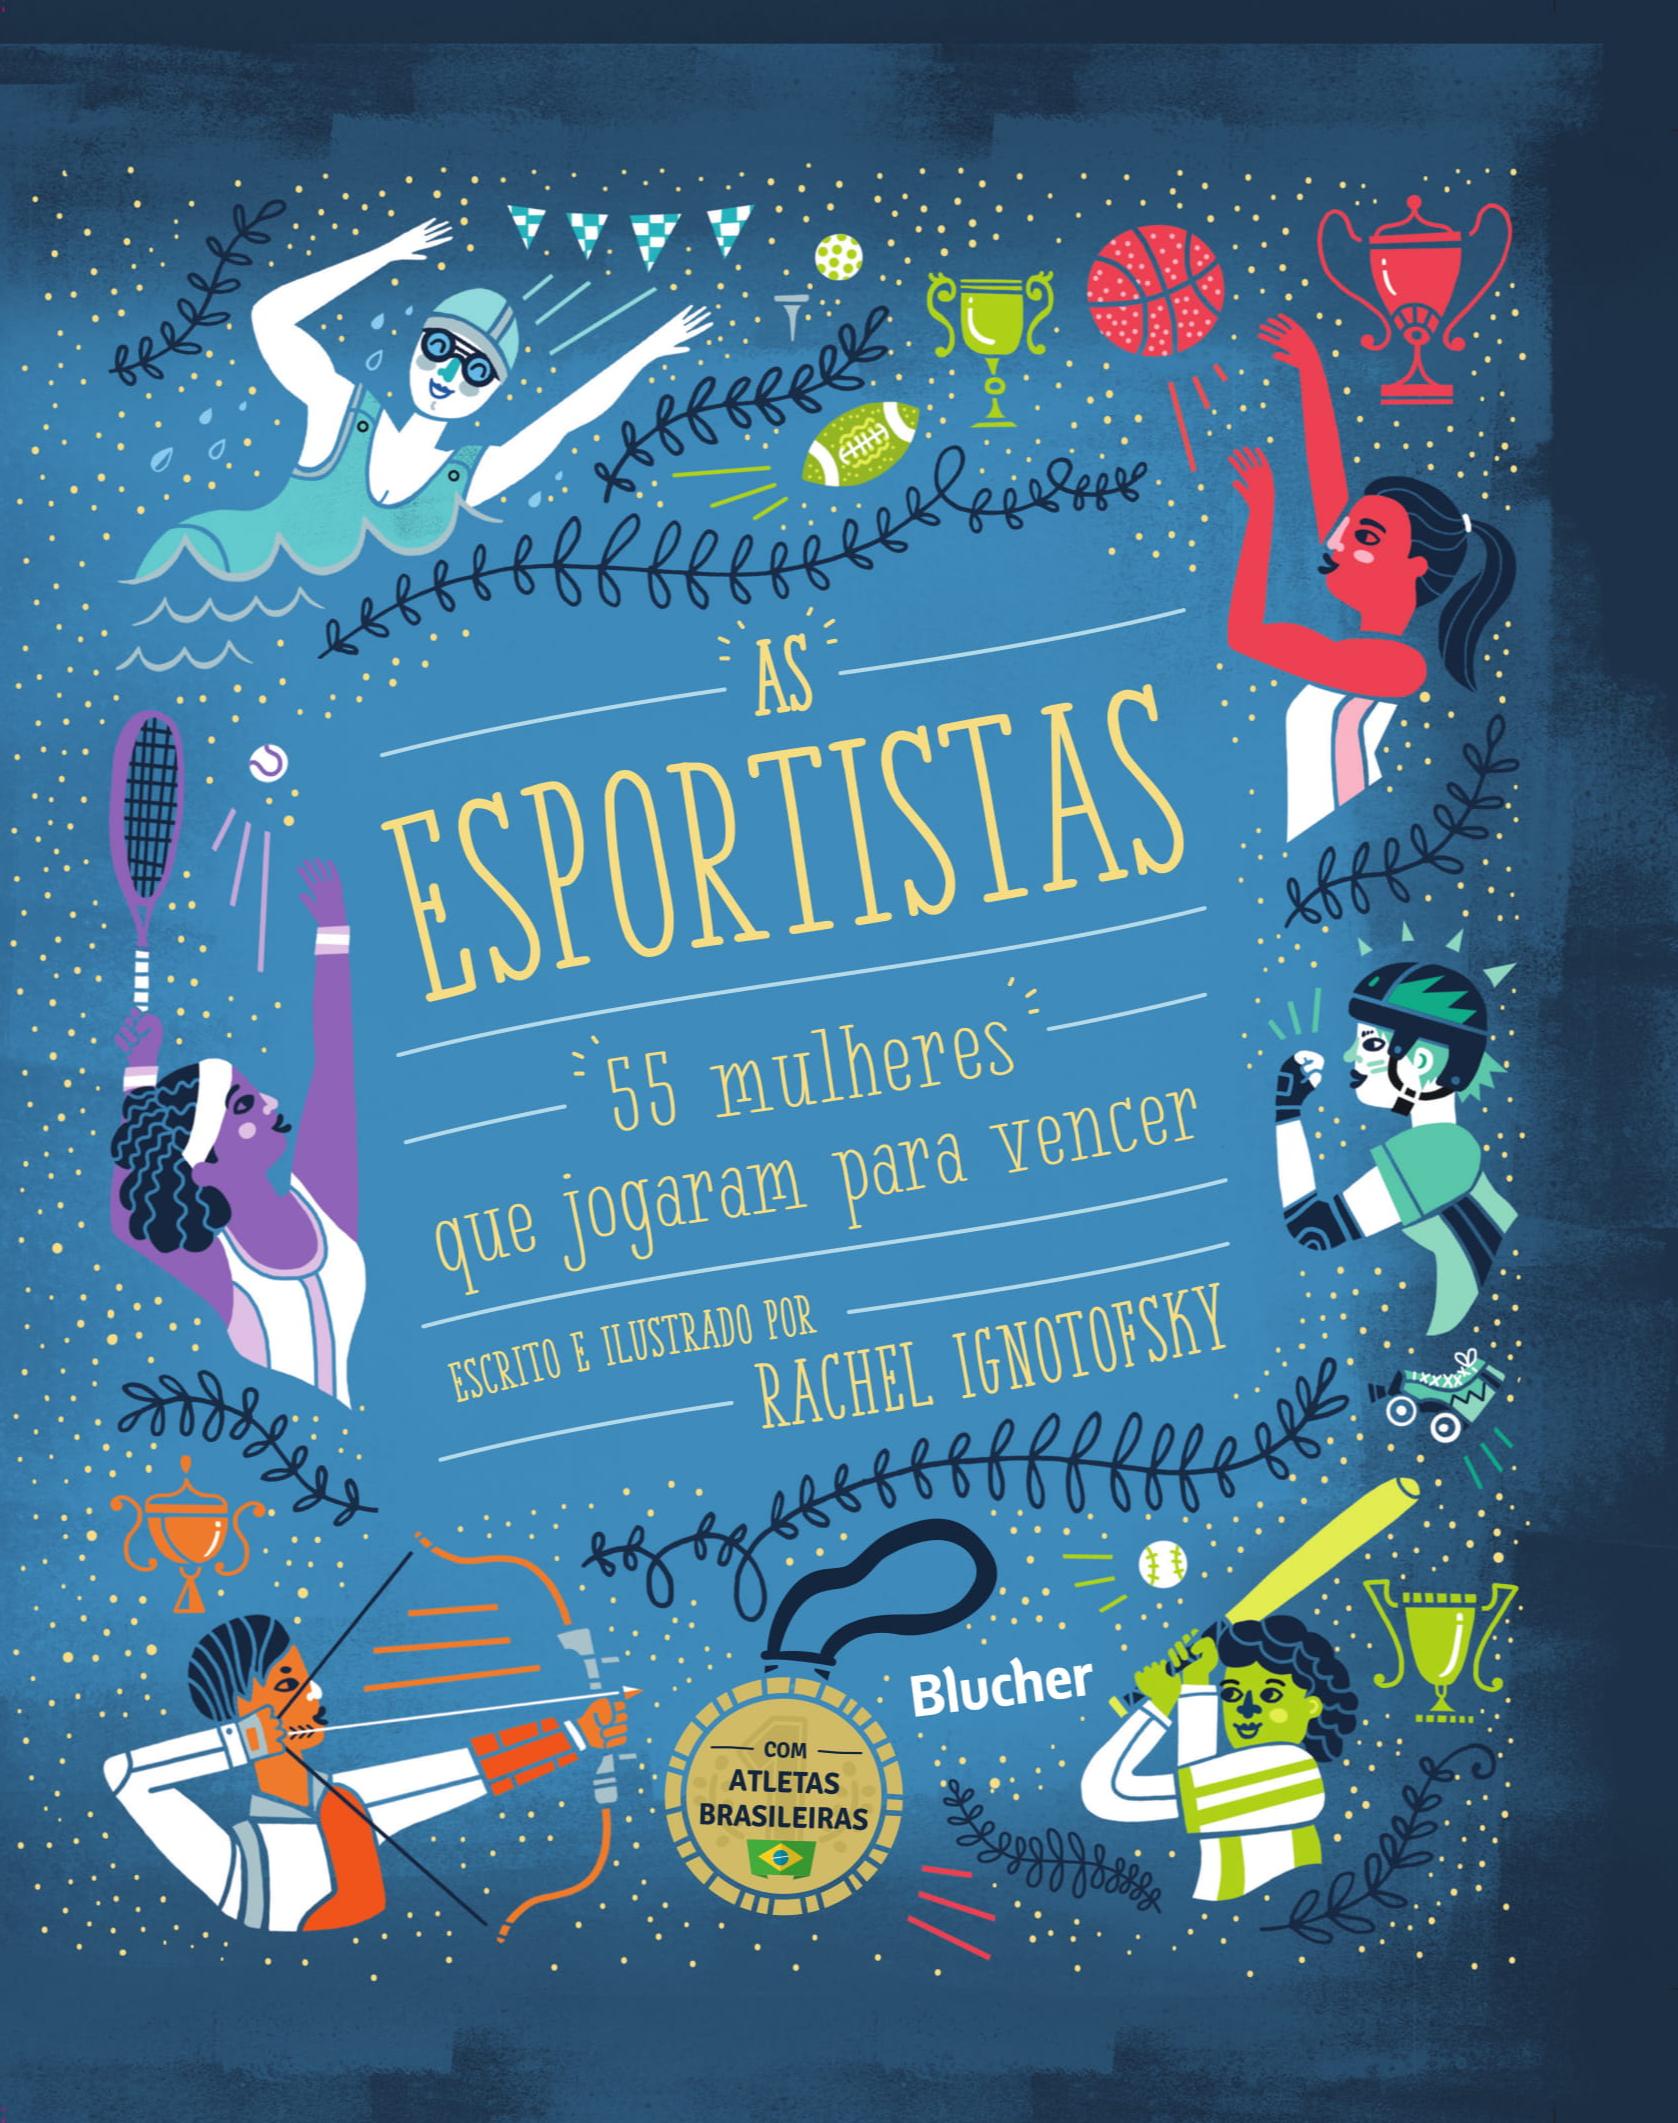 As esportistas - 55 mulheres que jogaram para vencer , livro de Rachel Ignotofsky [texto e ilustrações]